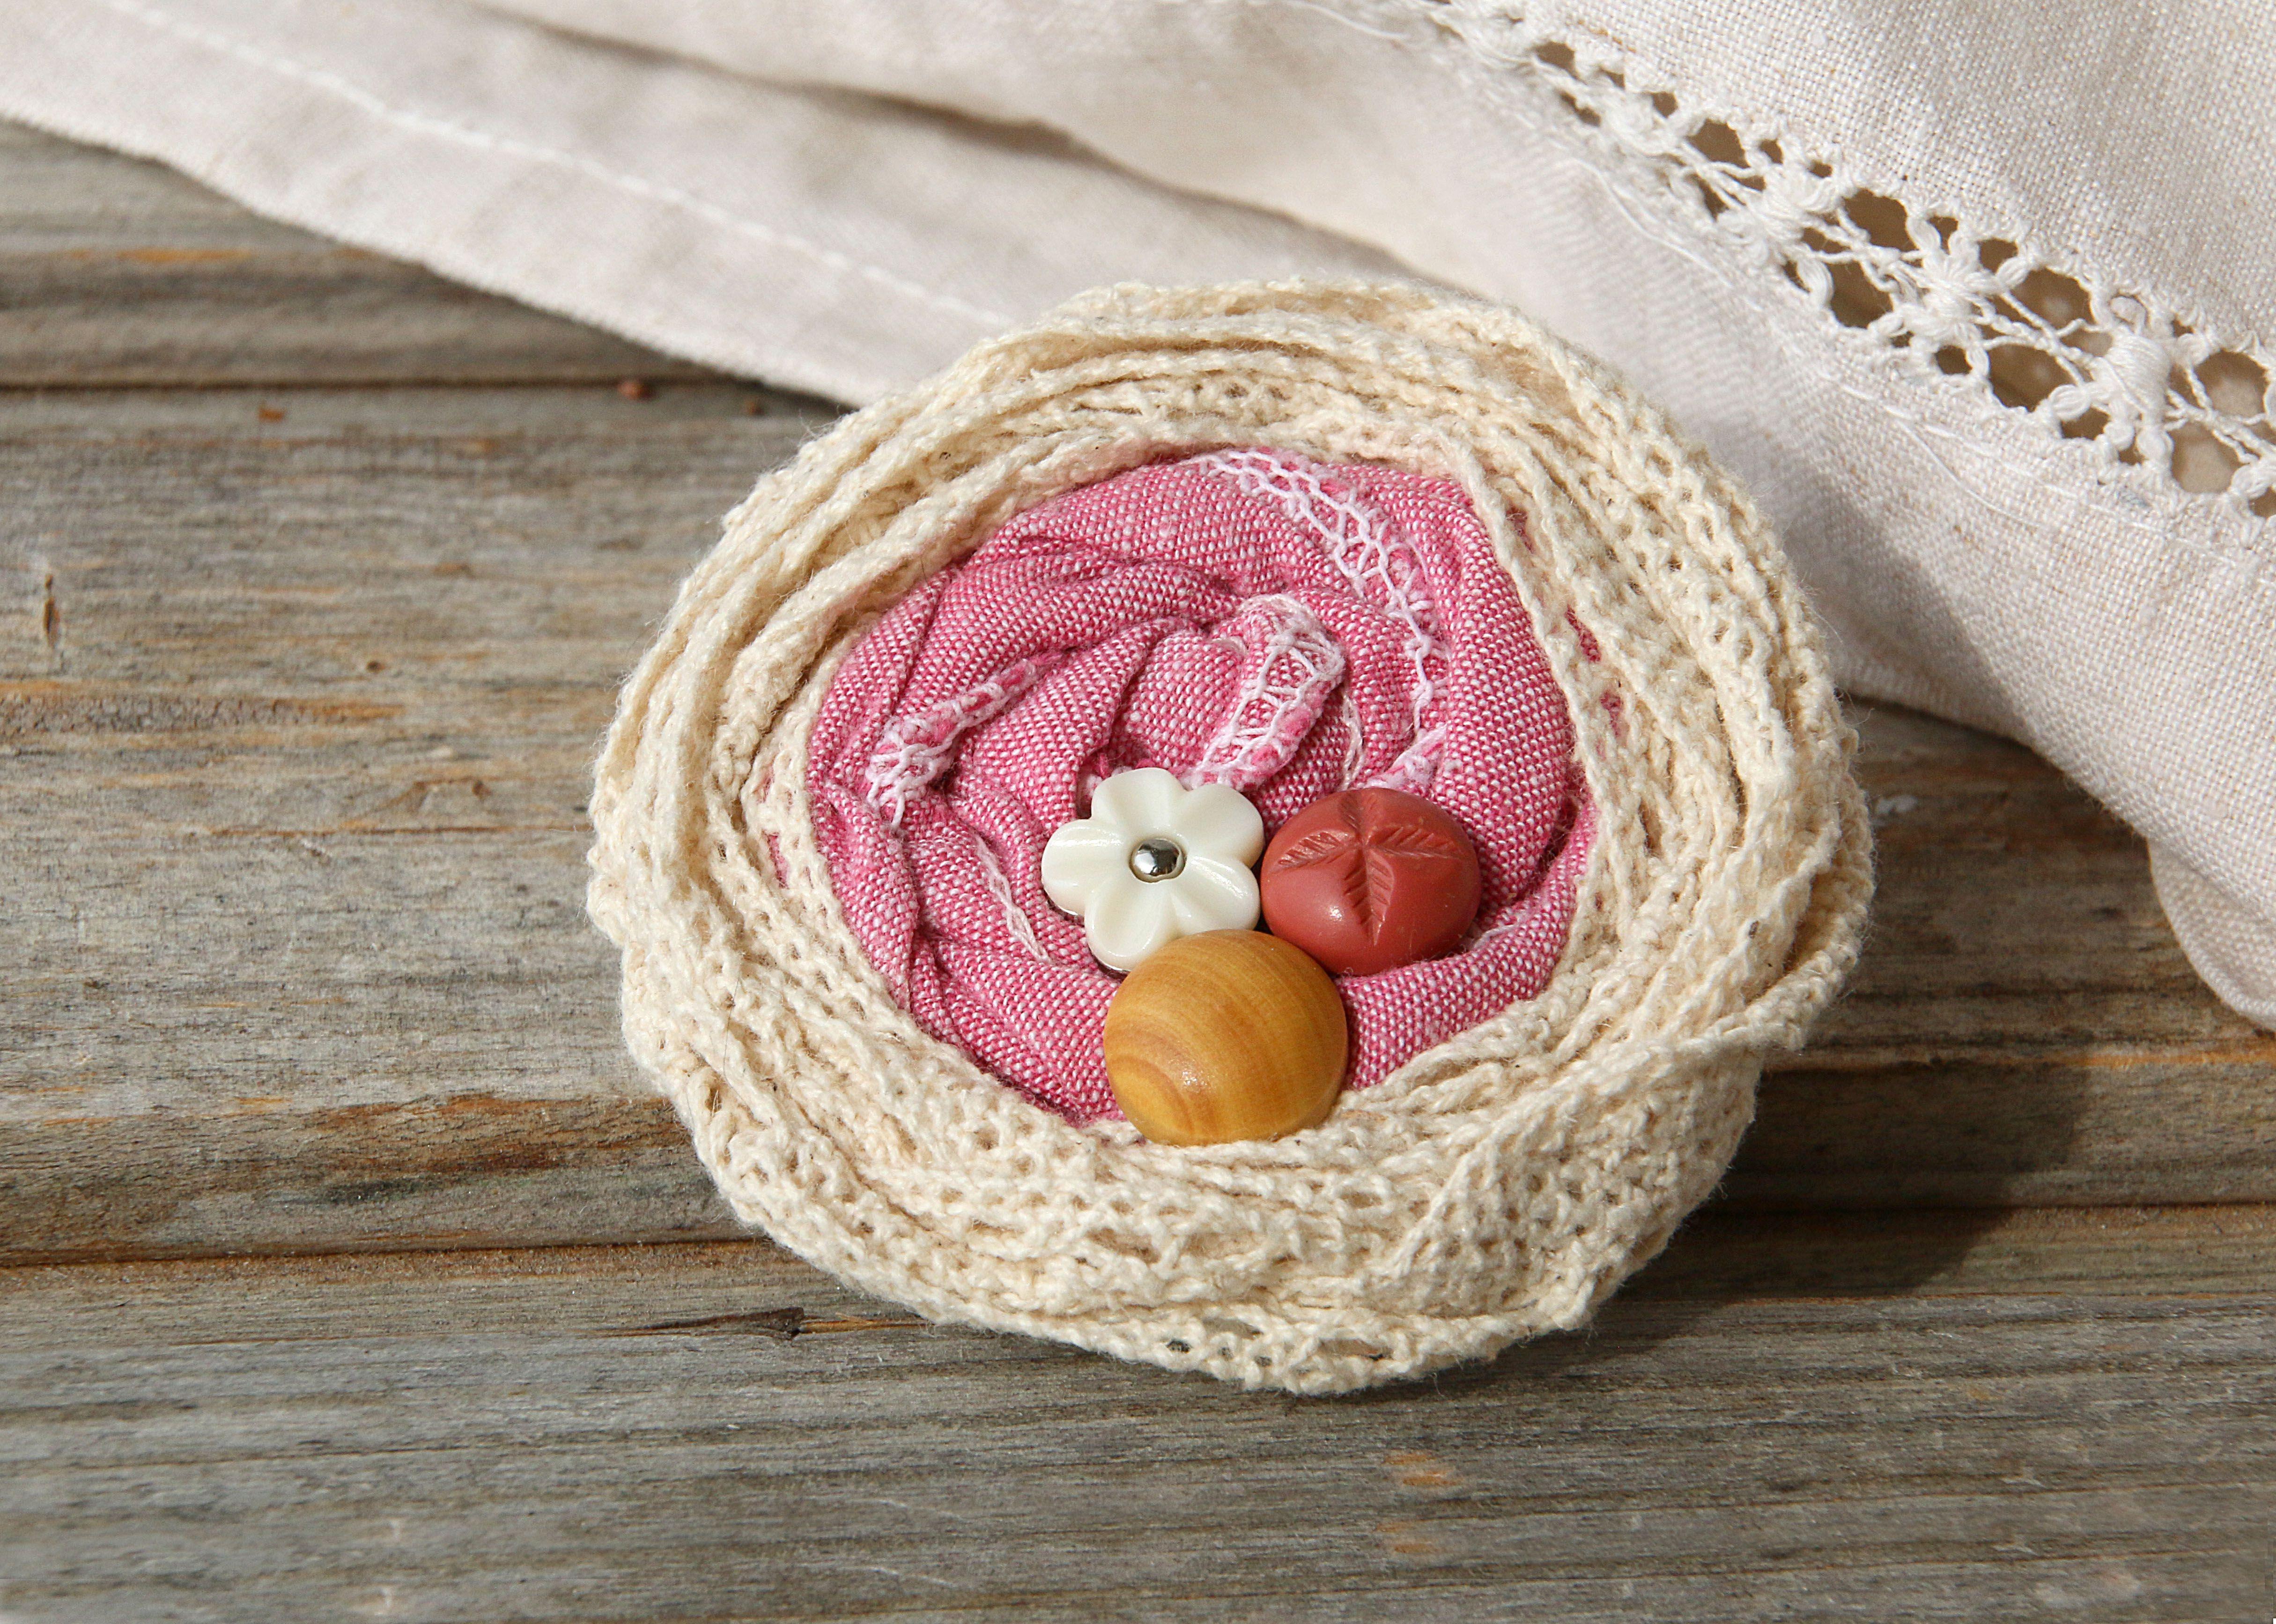 бохо шеби брошь провинция бежевая франция деревенский пуговицы украшения розовая авторские натуральные винтаж